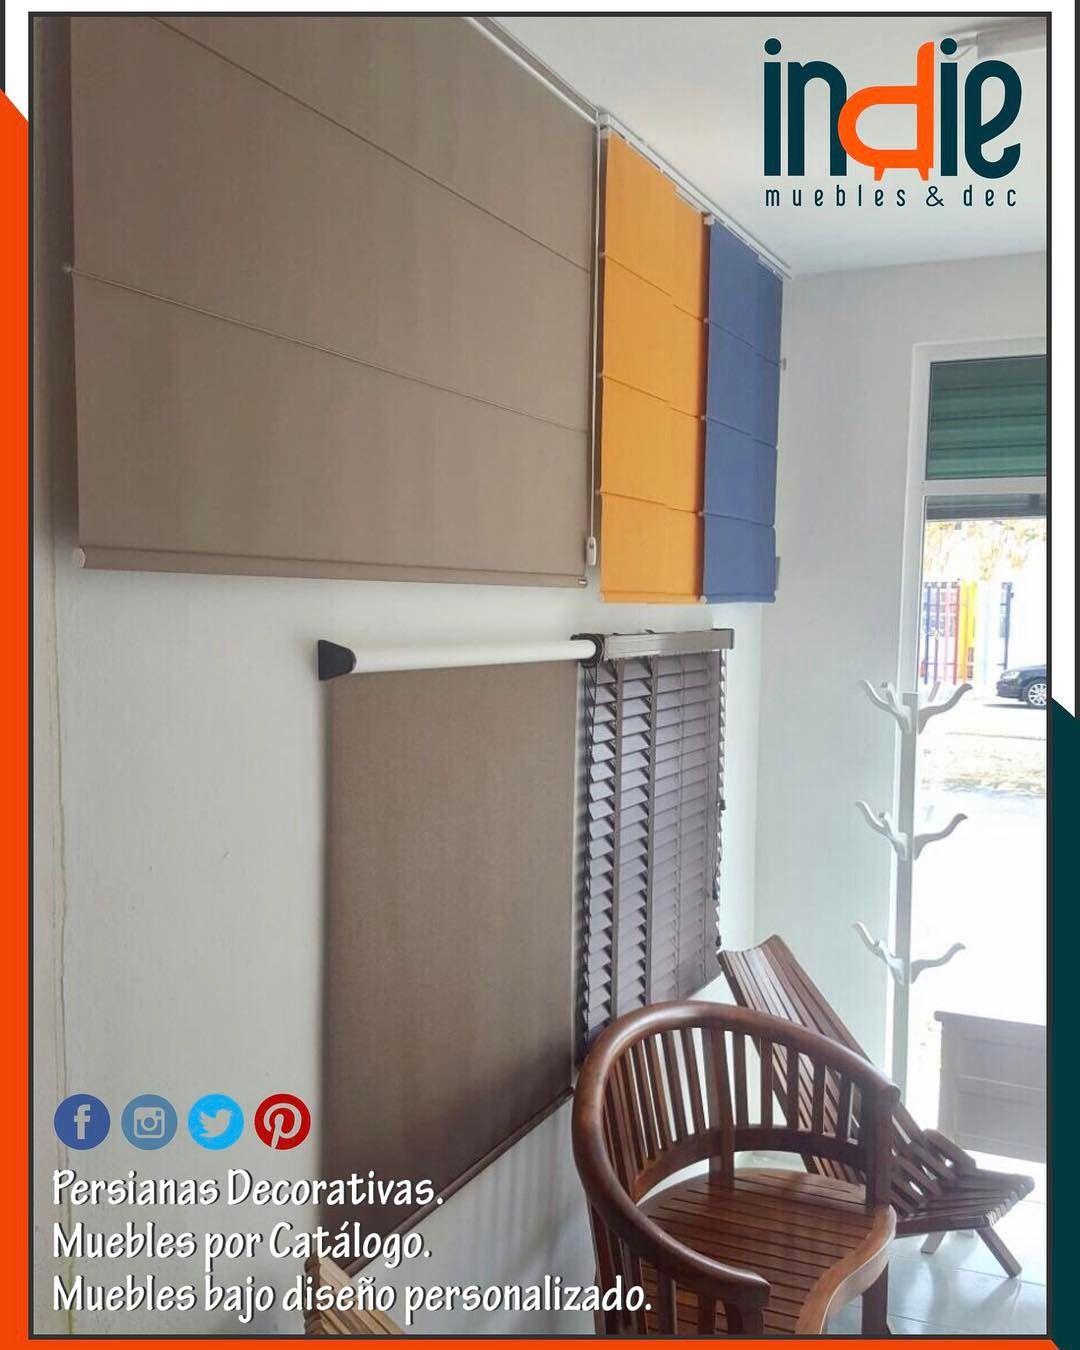 Tenemos gran variedad de persianas decorativas texturas y colores así como muebles de madera de gran calidad durabilidad y dureza.  #ConsumeLocal #HechoEnQuintanaRoo #HechoEnMéxico #IndieMueblesyDec #TuEspacioTuEstilo #Muebles #Persianas #MueblesPorCatálogo  #MueblesPorDiseño #PersianasDecorativas #Cancún #PlayaDelCarmen #RivieraMaya #Tulum #México